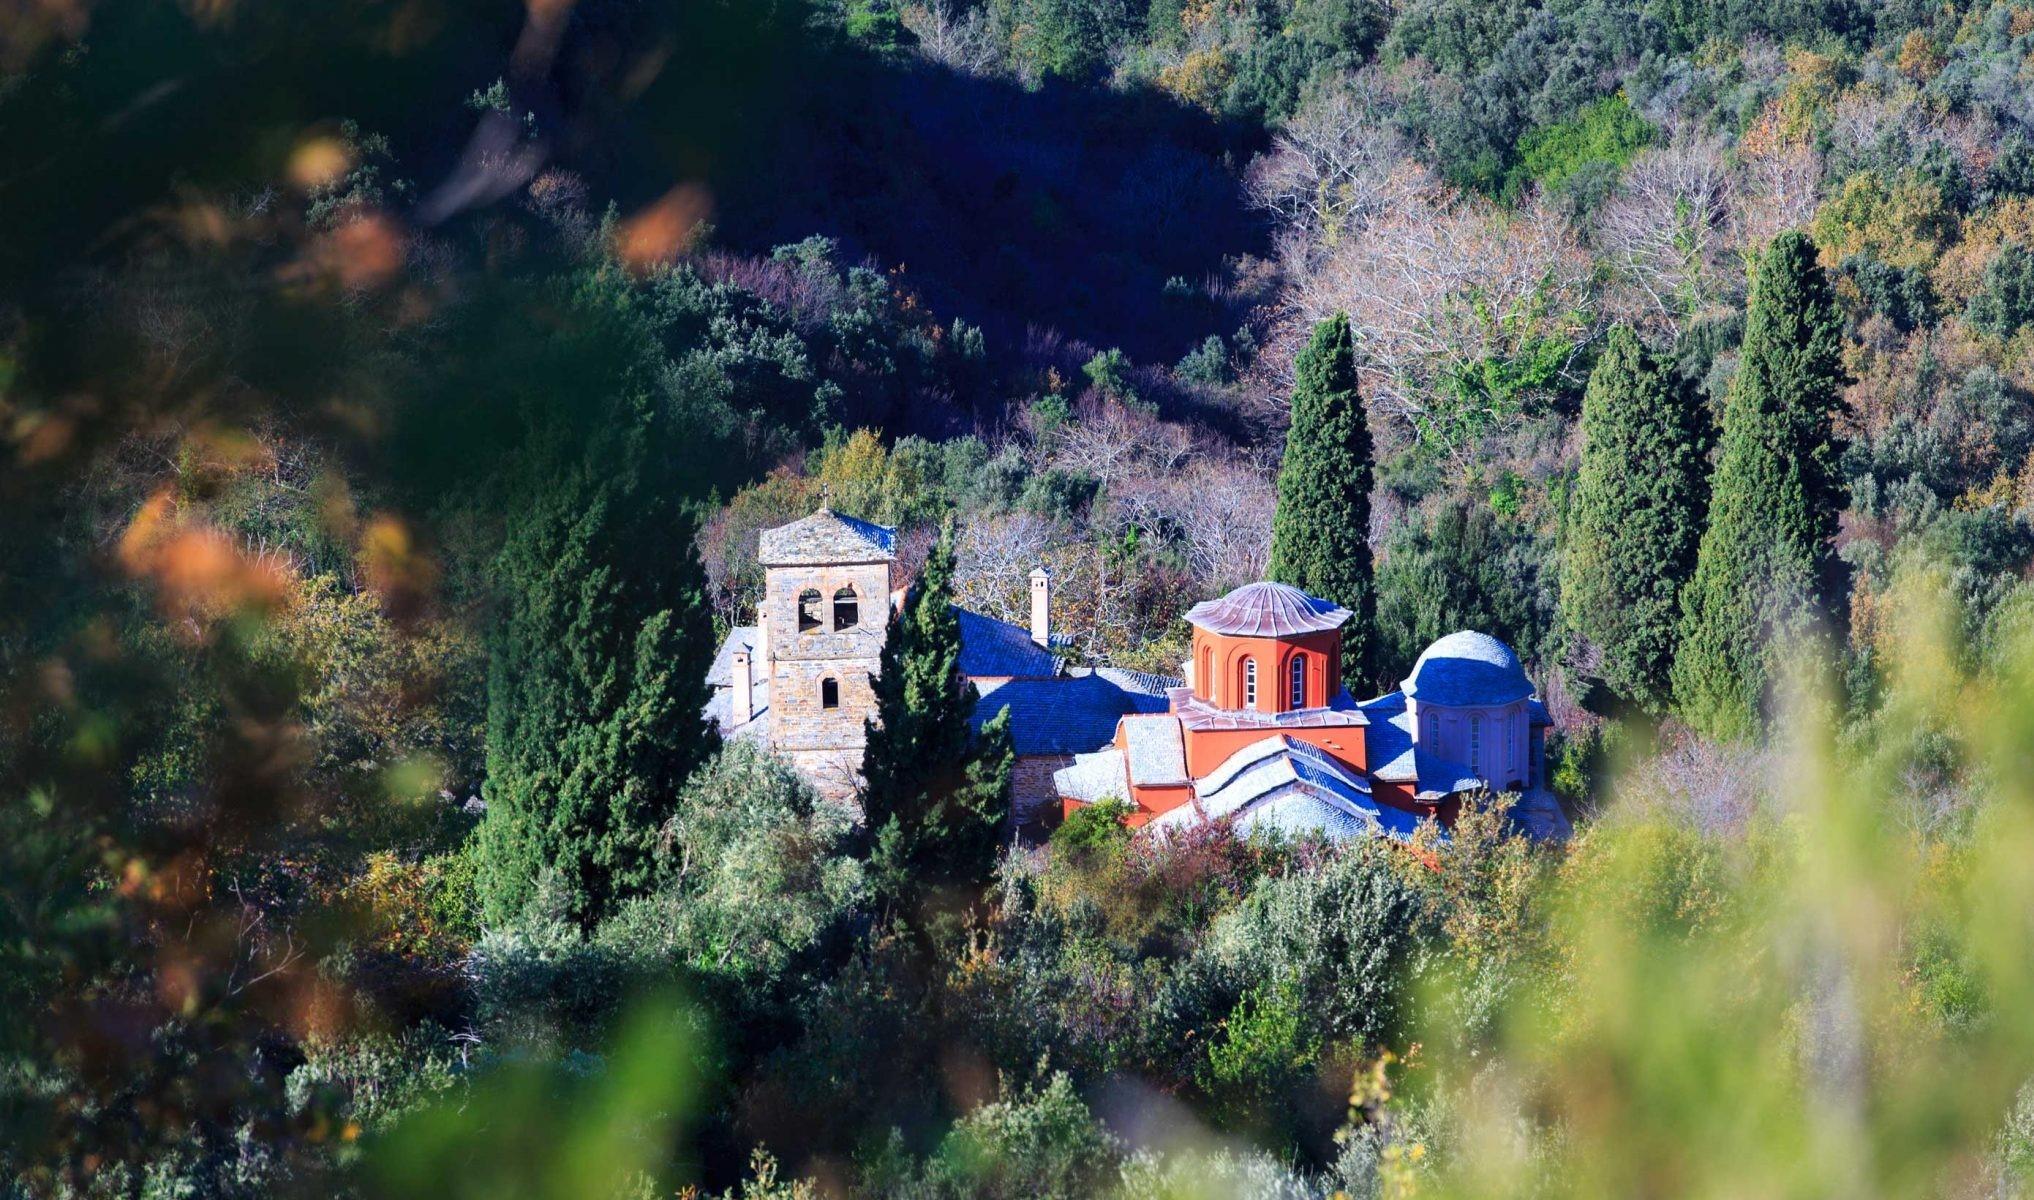 Άγιον Όρος Βατοπεδινή  Σκήτη Αγίου Δημητρίου